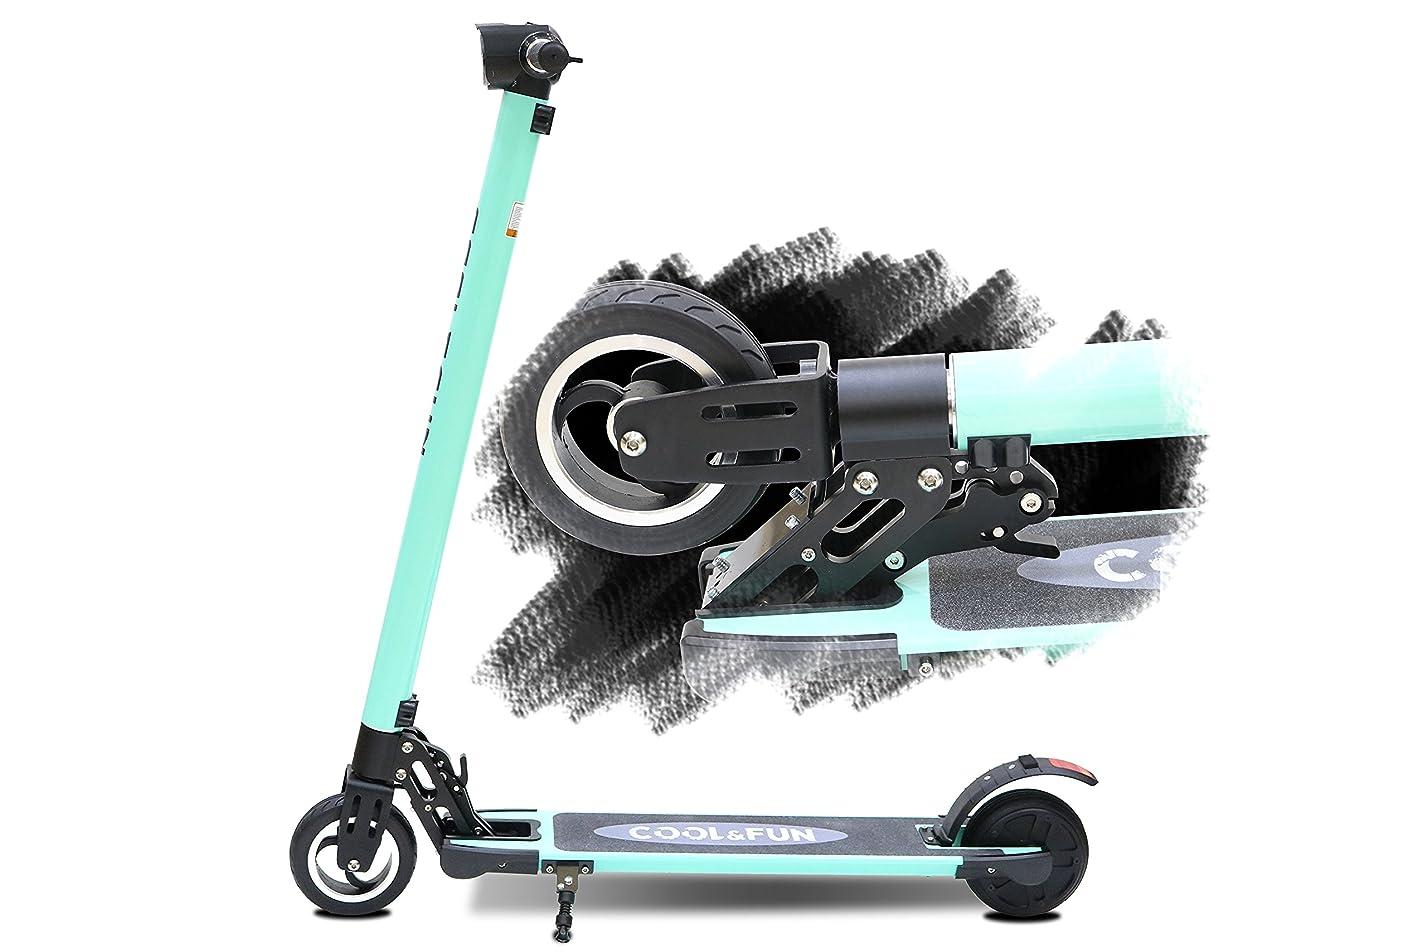 ラバすすり泣き落ちたCool&Fun 電動 キックボード キックスクーター 電動 スケーター カーボン製 LEDライト搭載 最高時速20キロ 折りたたみ 立ち乗り式 大人用 全て3色 (グリン)